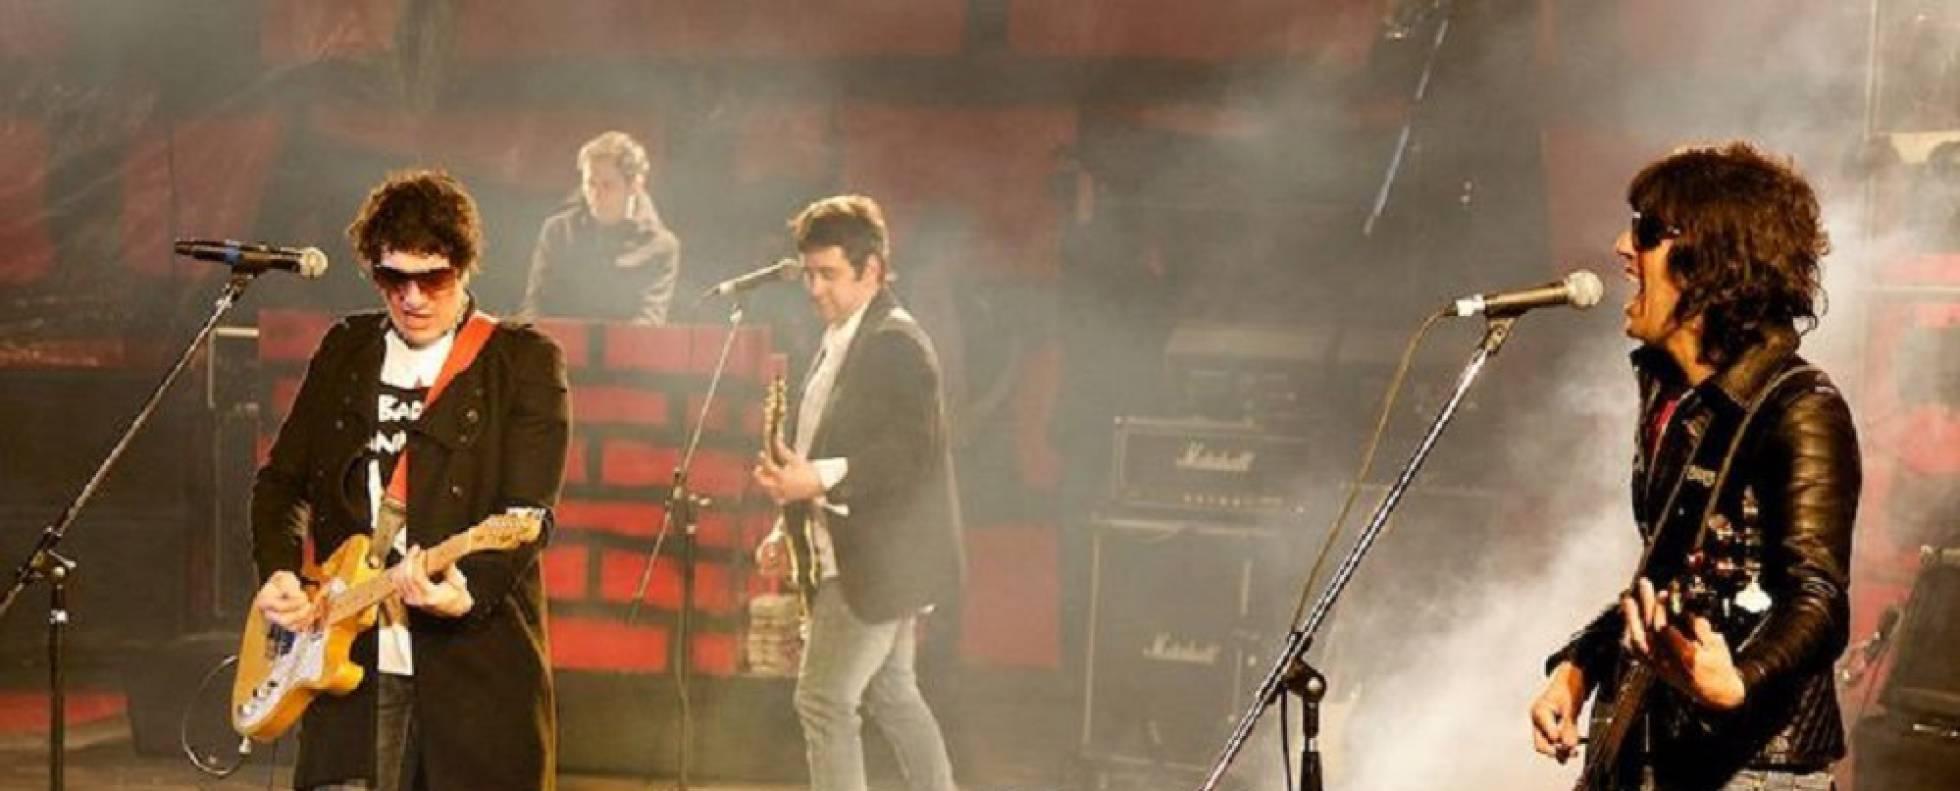 Popular músico argentino de rock es buscado por homicidio